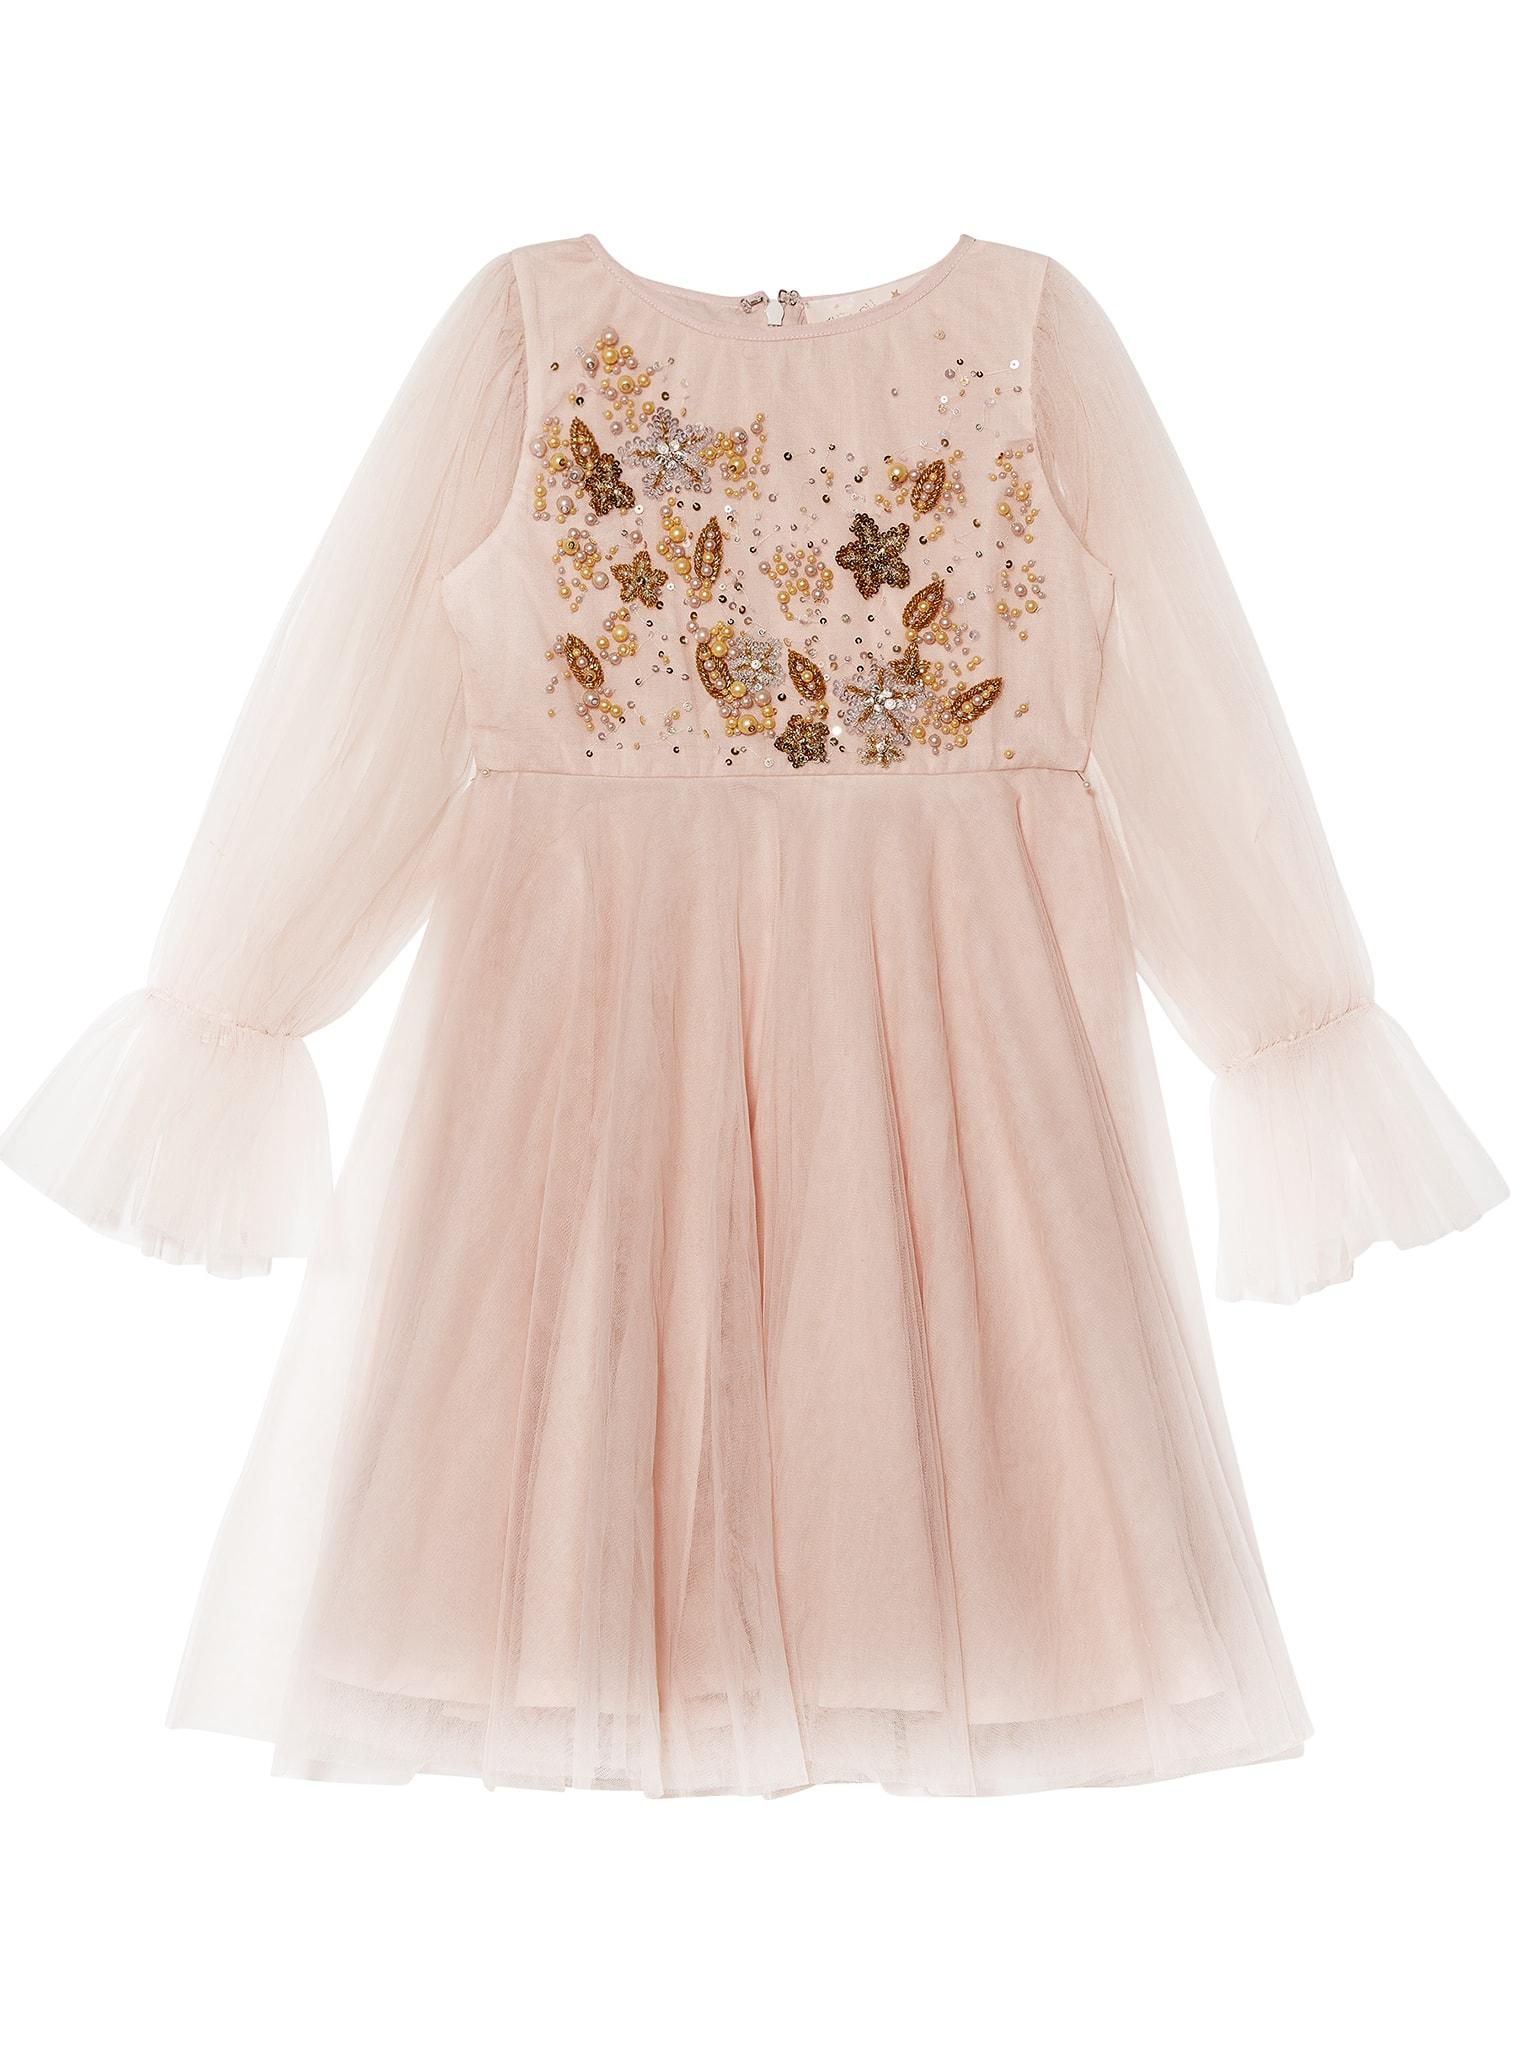 Tdm4119 lady shay tutu dress 01 min